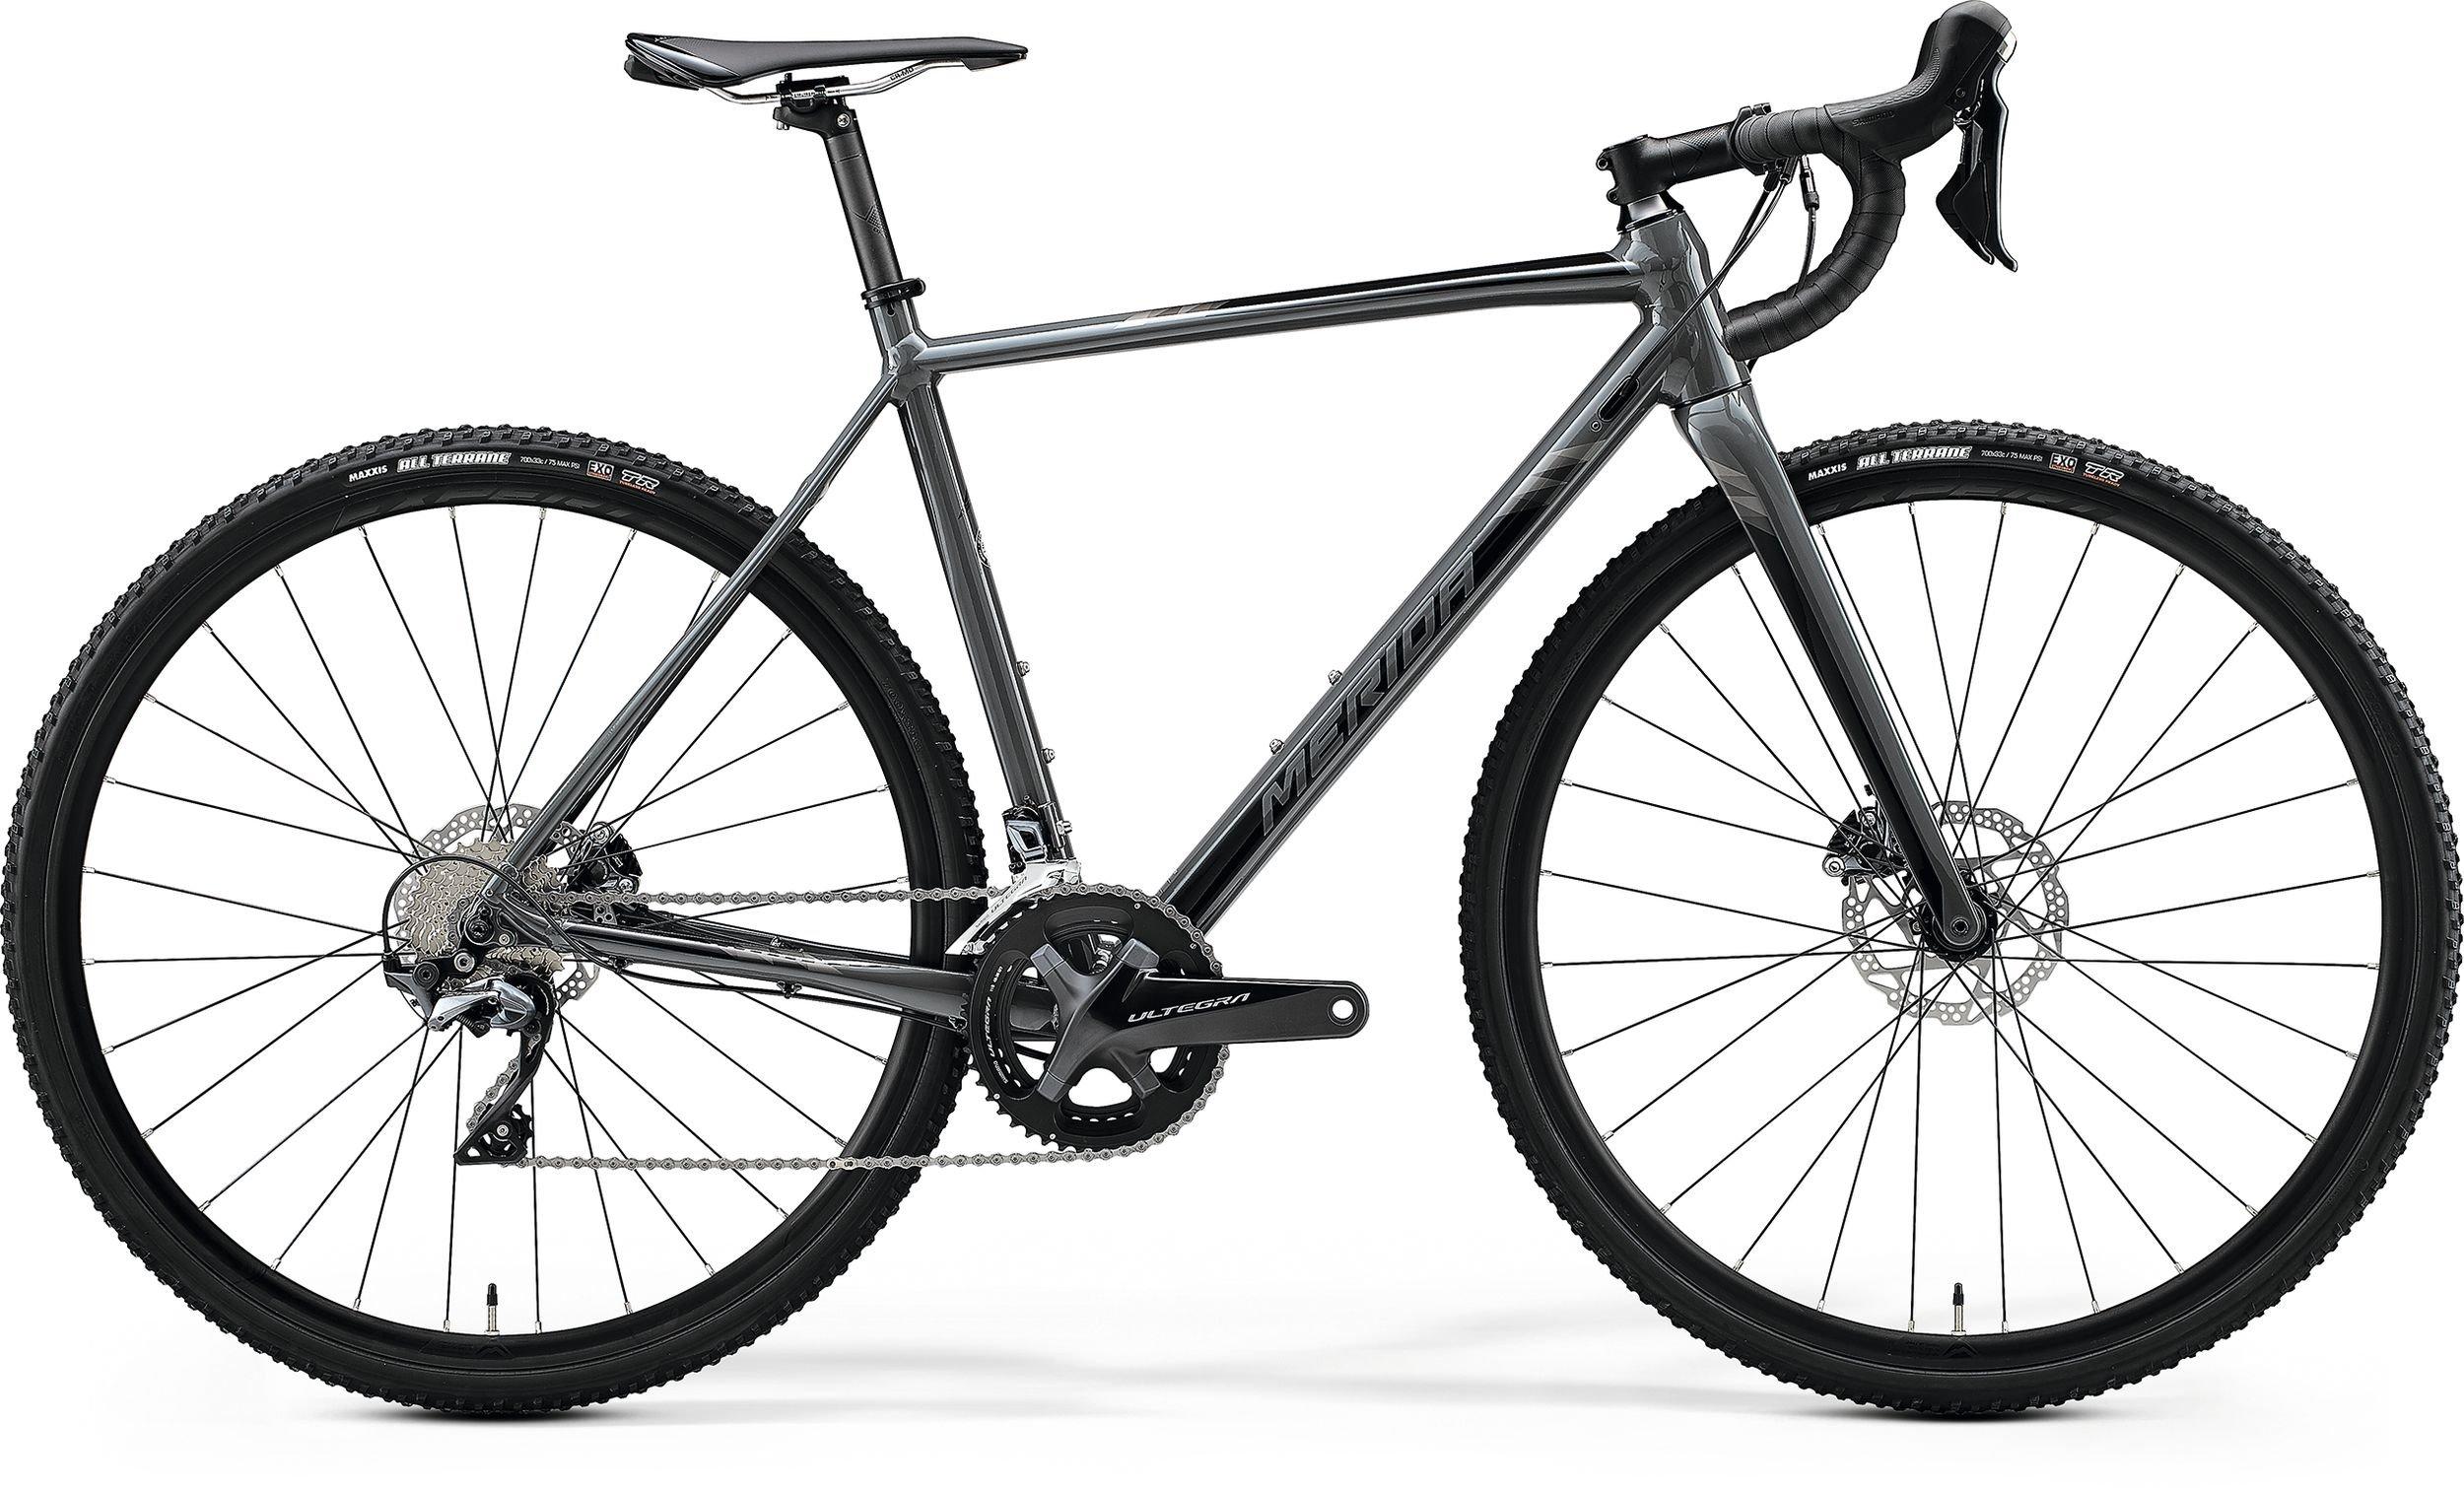 Merida MISSION CX 700 šedé/černé (190-200 cm)